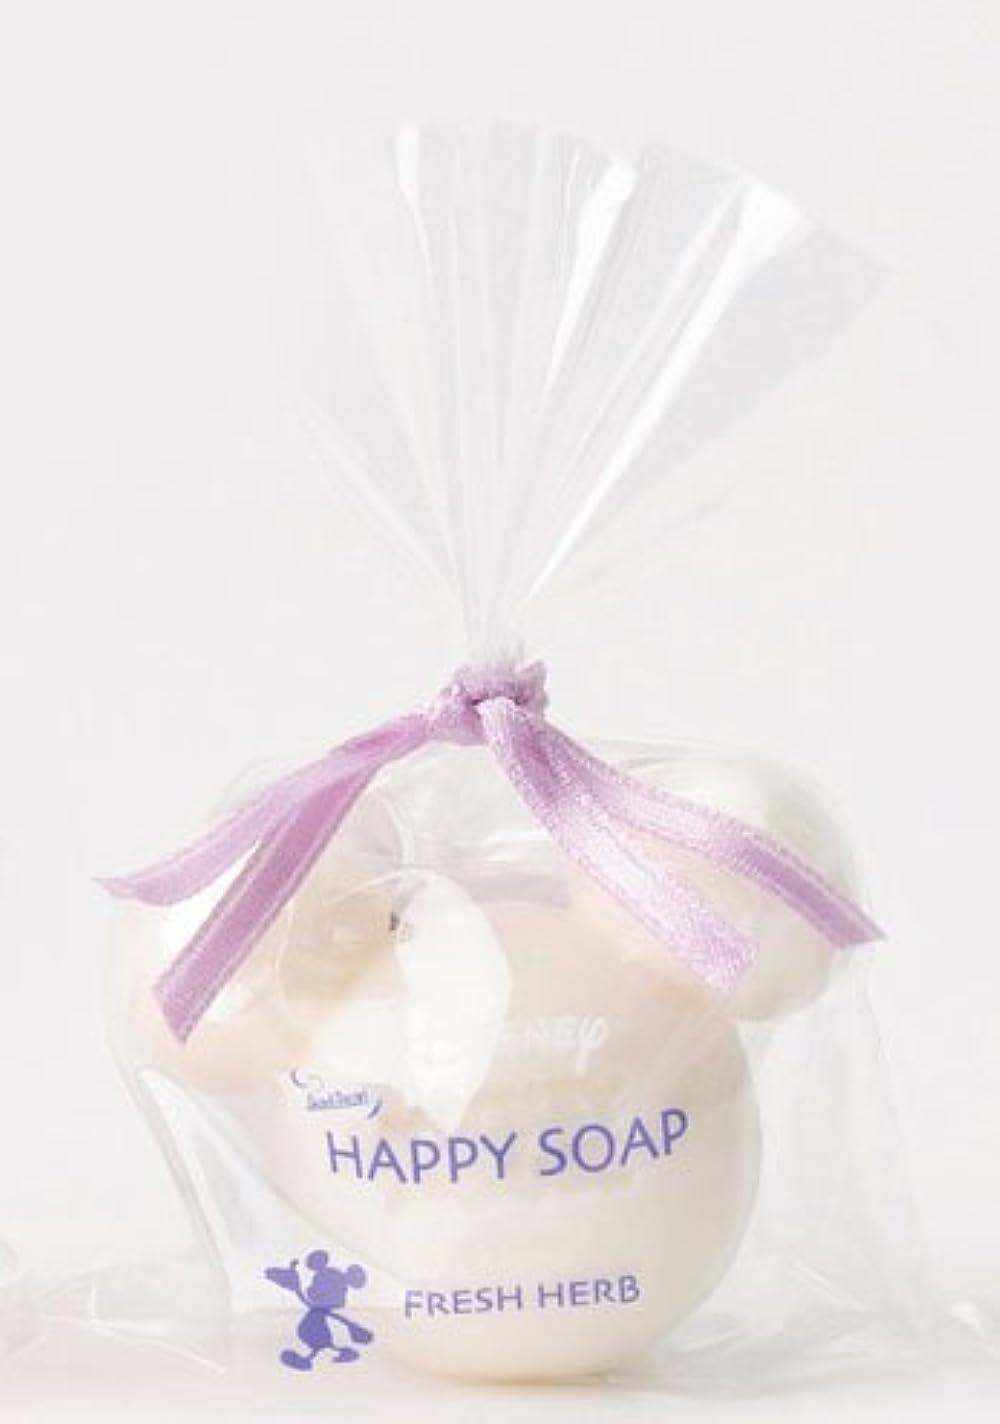 ミッキーマウスとバスタイム?ハッピーソープのプチギフト ホワイト(フレッシュハーブの香り)【結婚式 ホワイトデー 記念品】